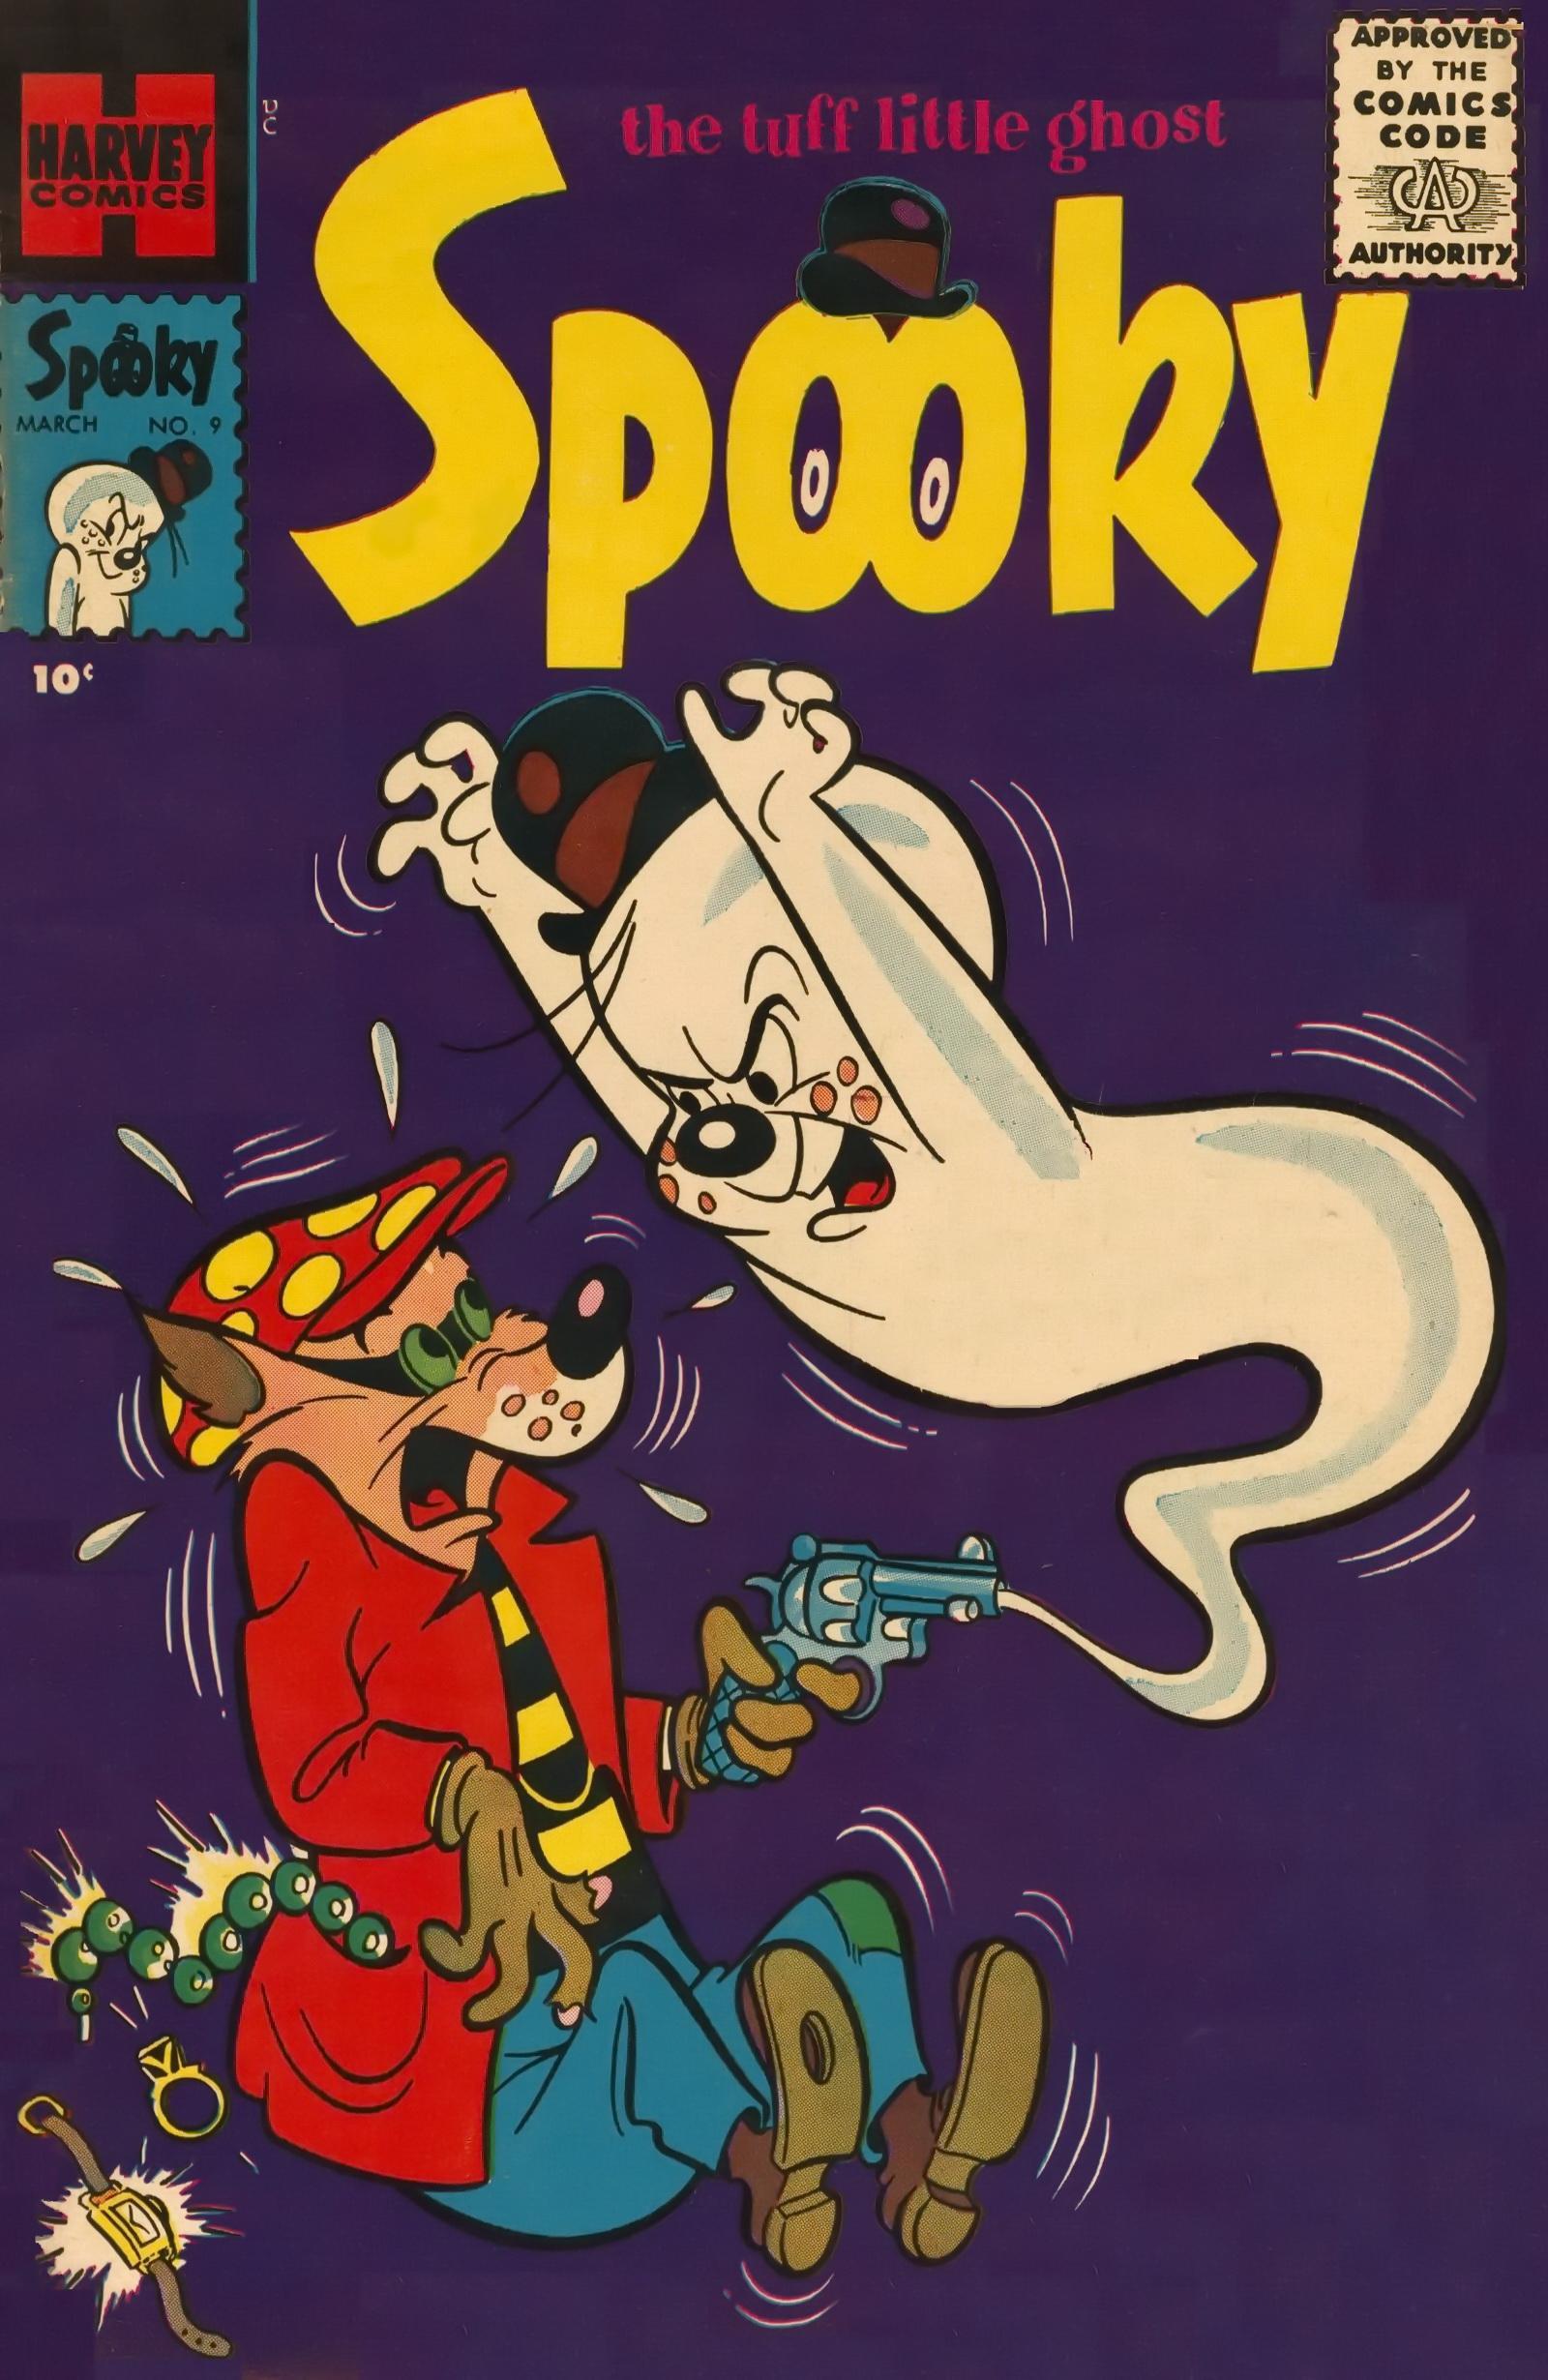 Spooky 009 1957